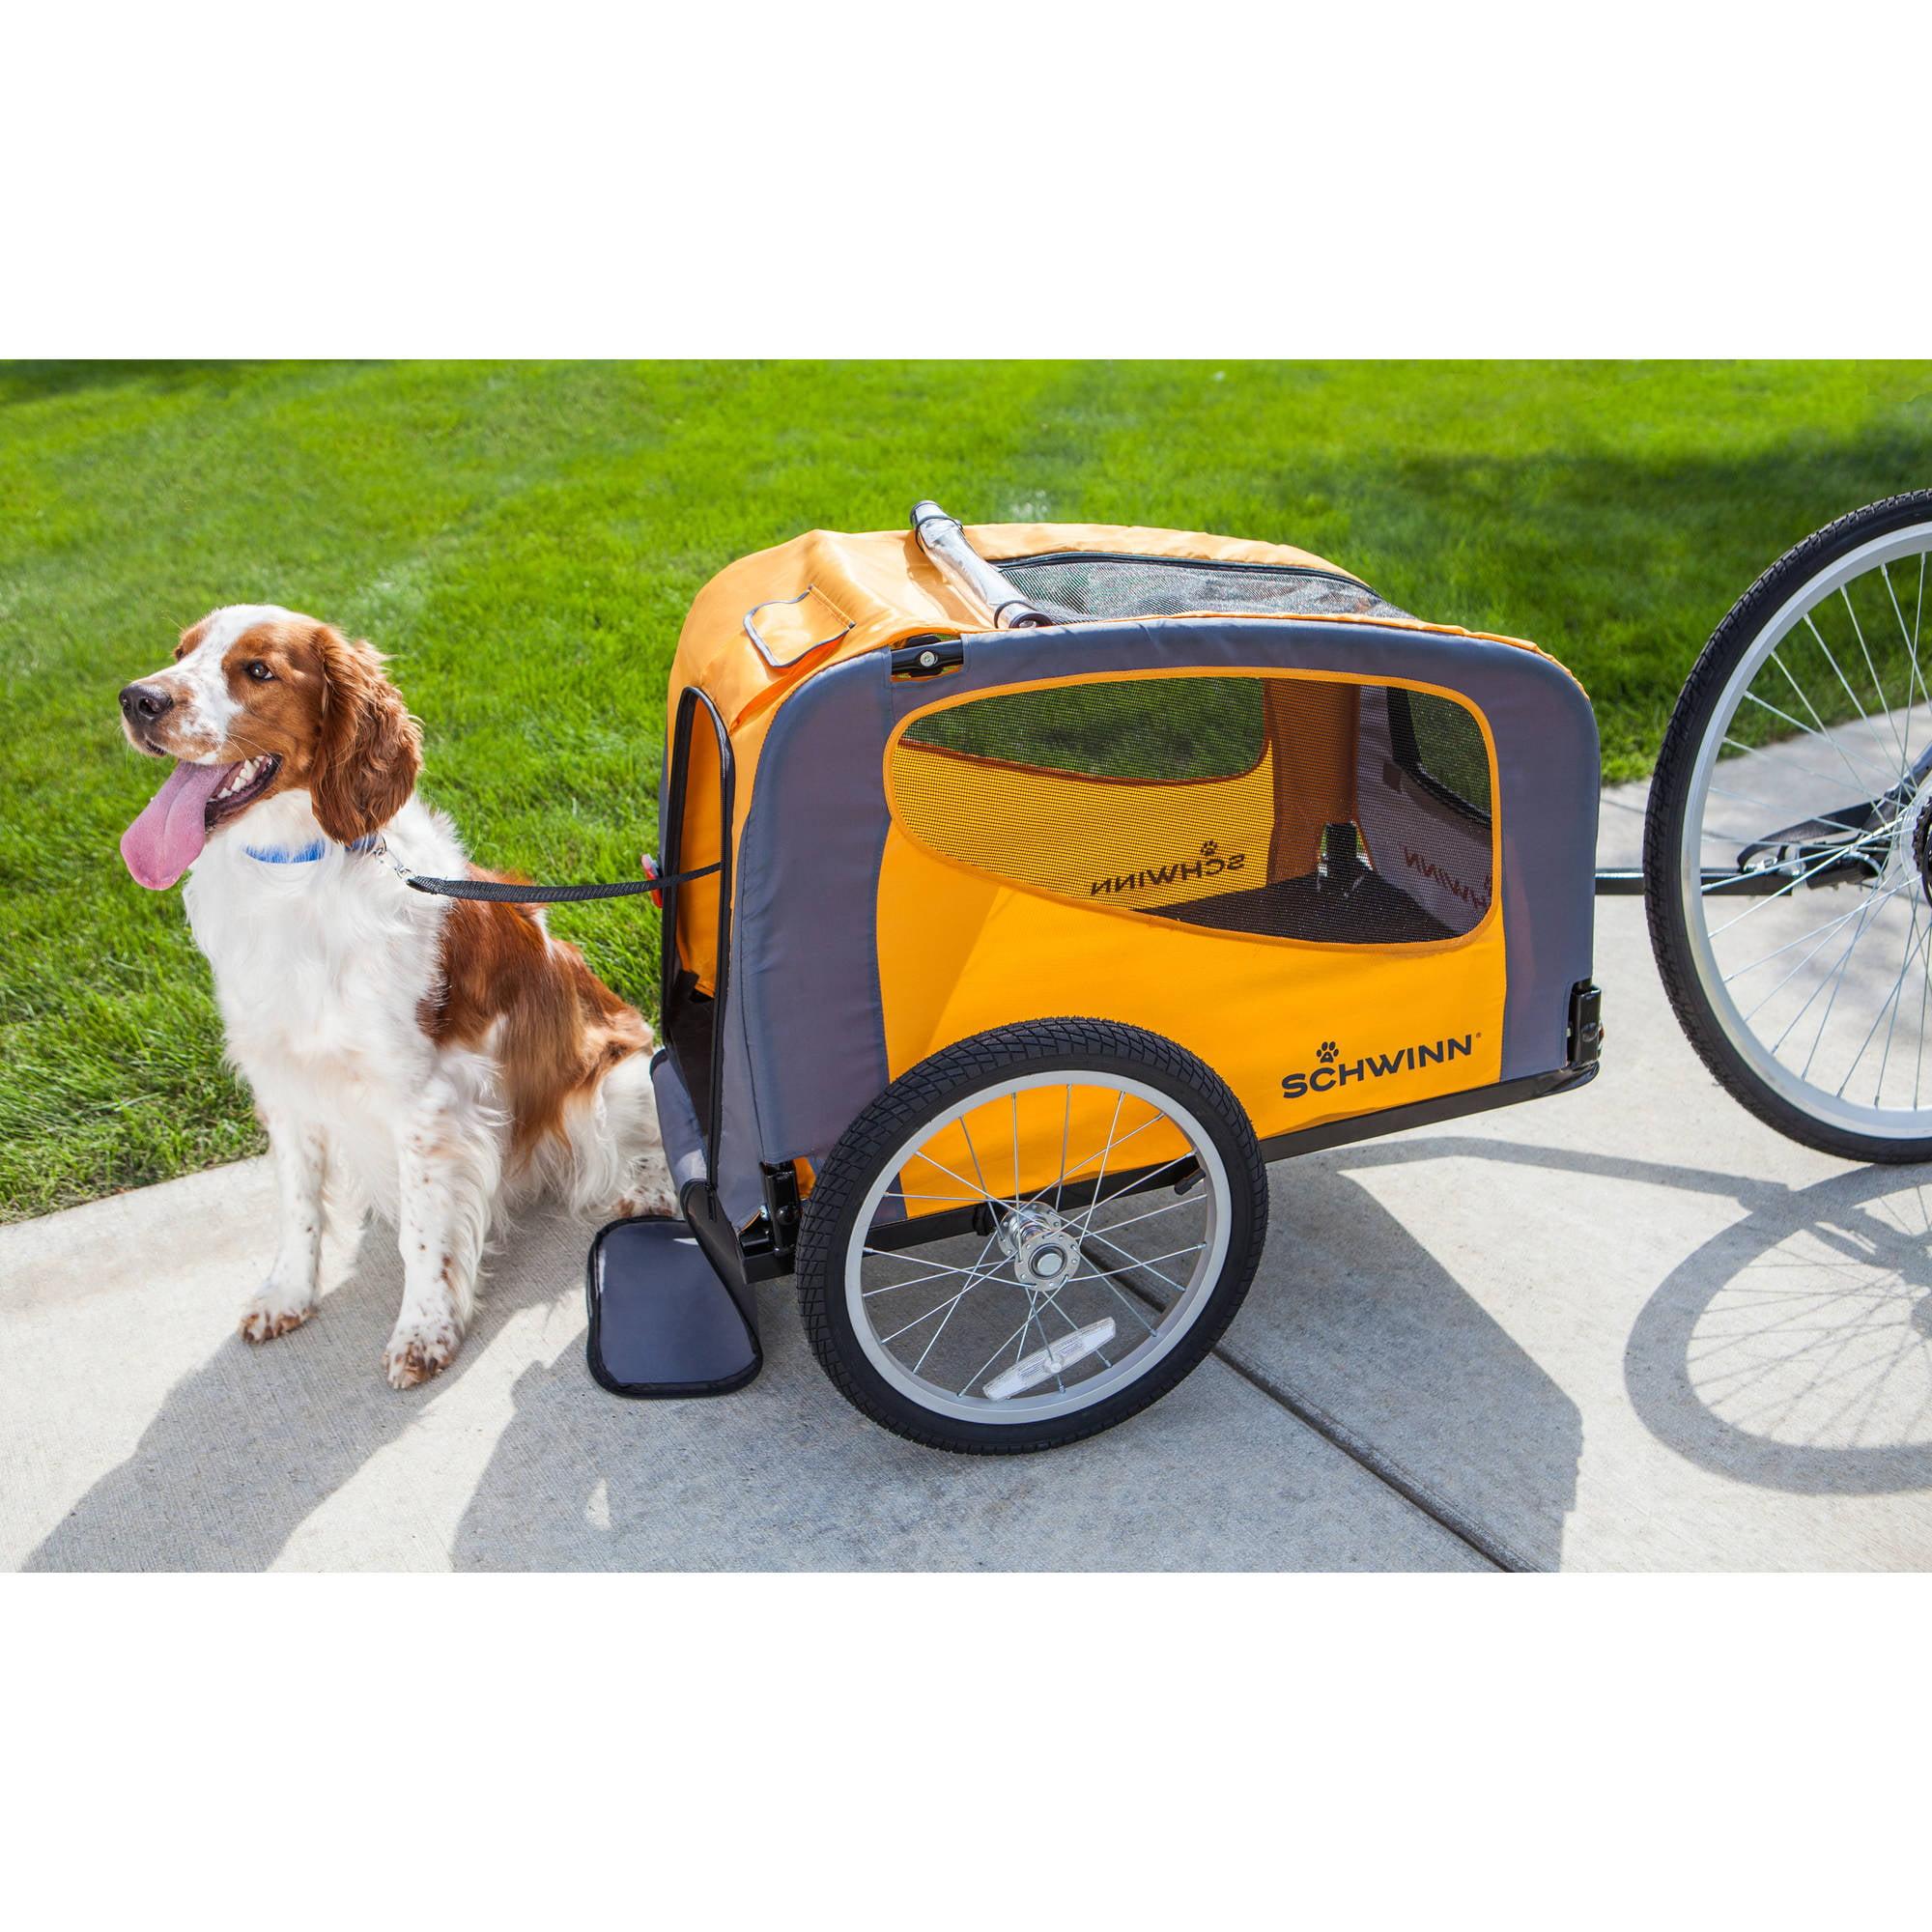 Schwinn Rascal Bike Pet Trailer, Orange - Walmart com